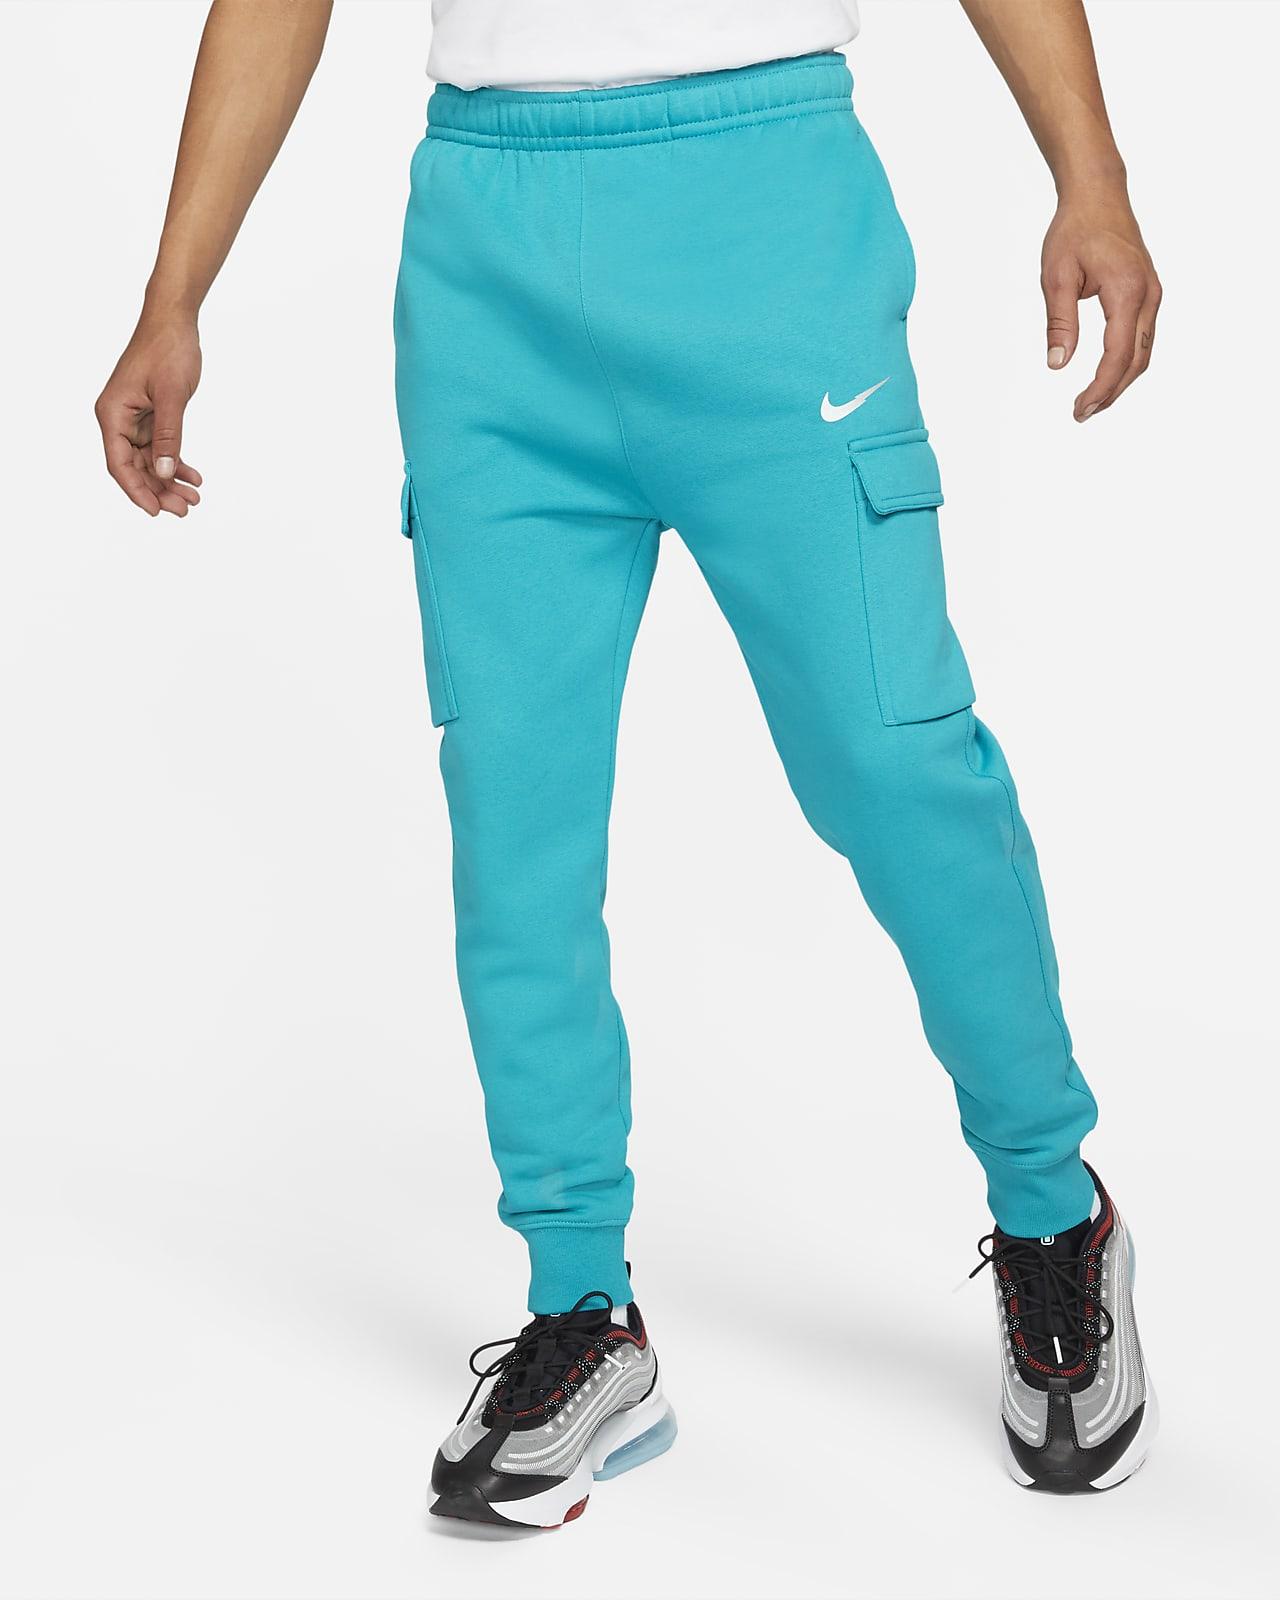 Nike Sportswear Men's Cargo Trousers